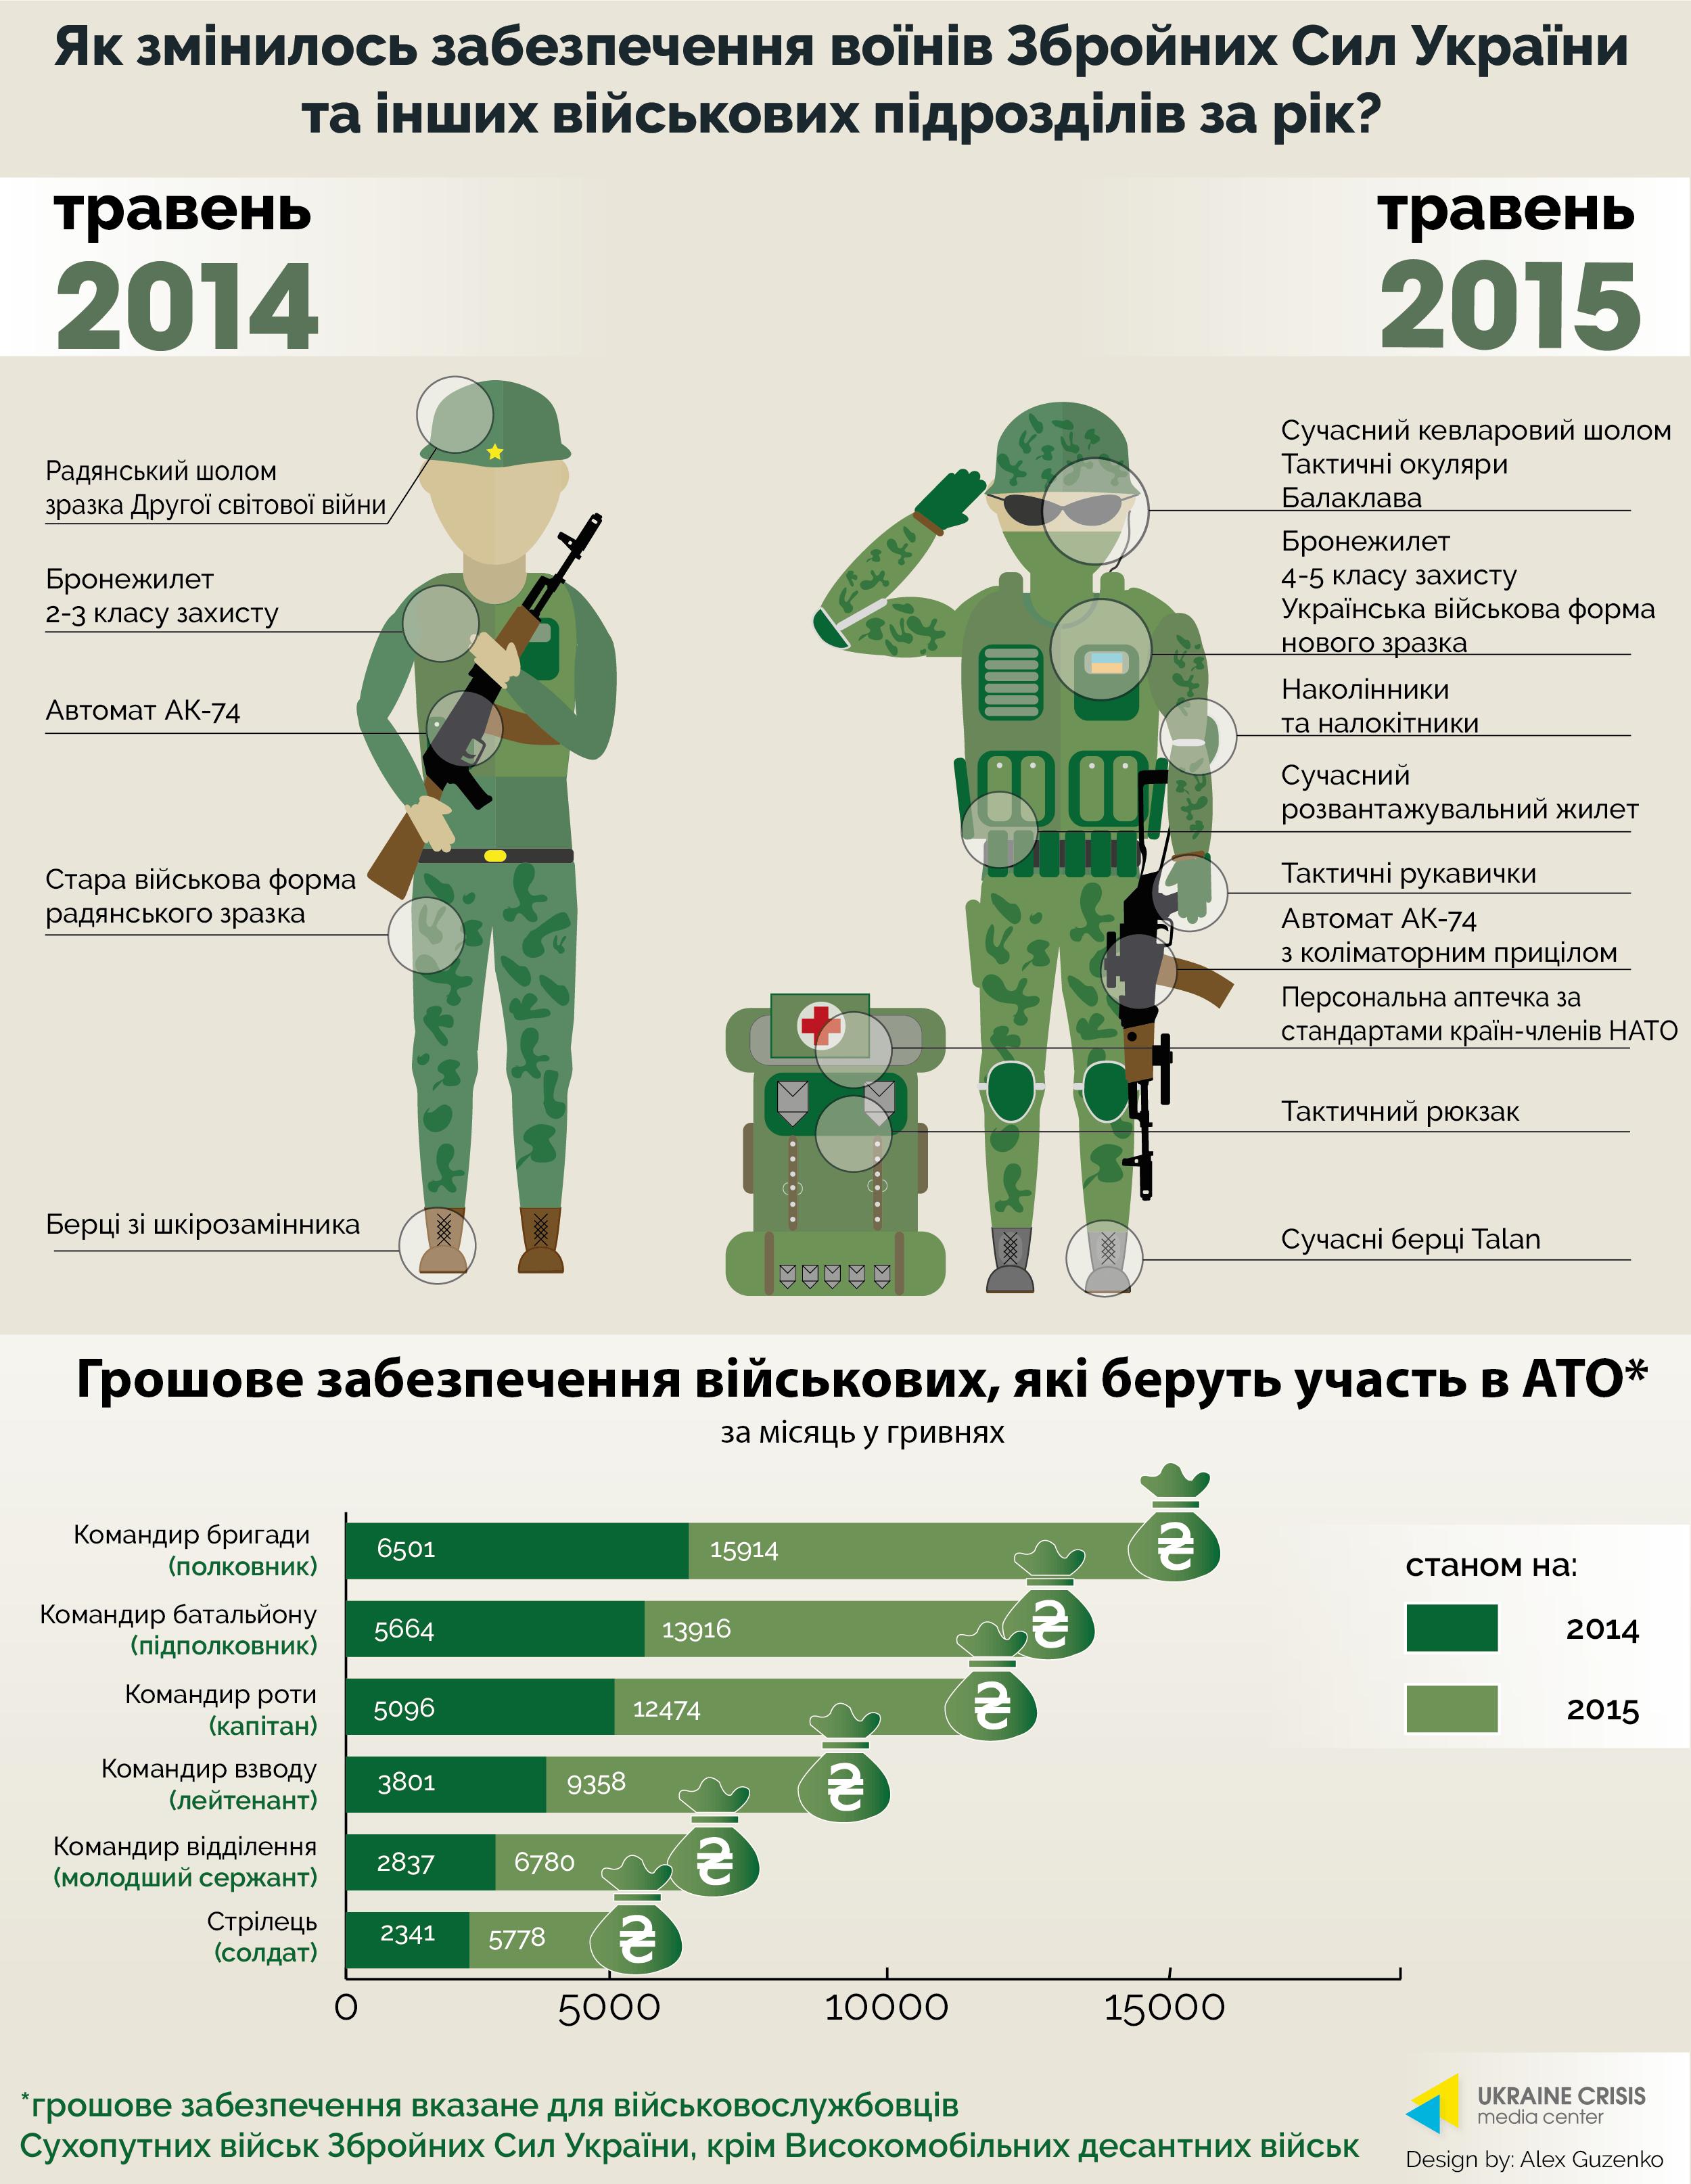 Разница в обеспечении солдат очевидна